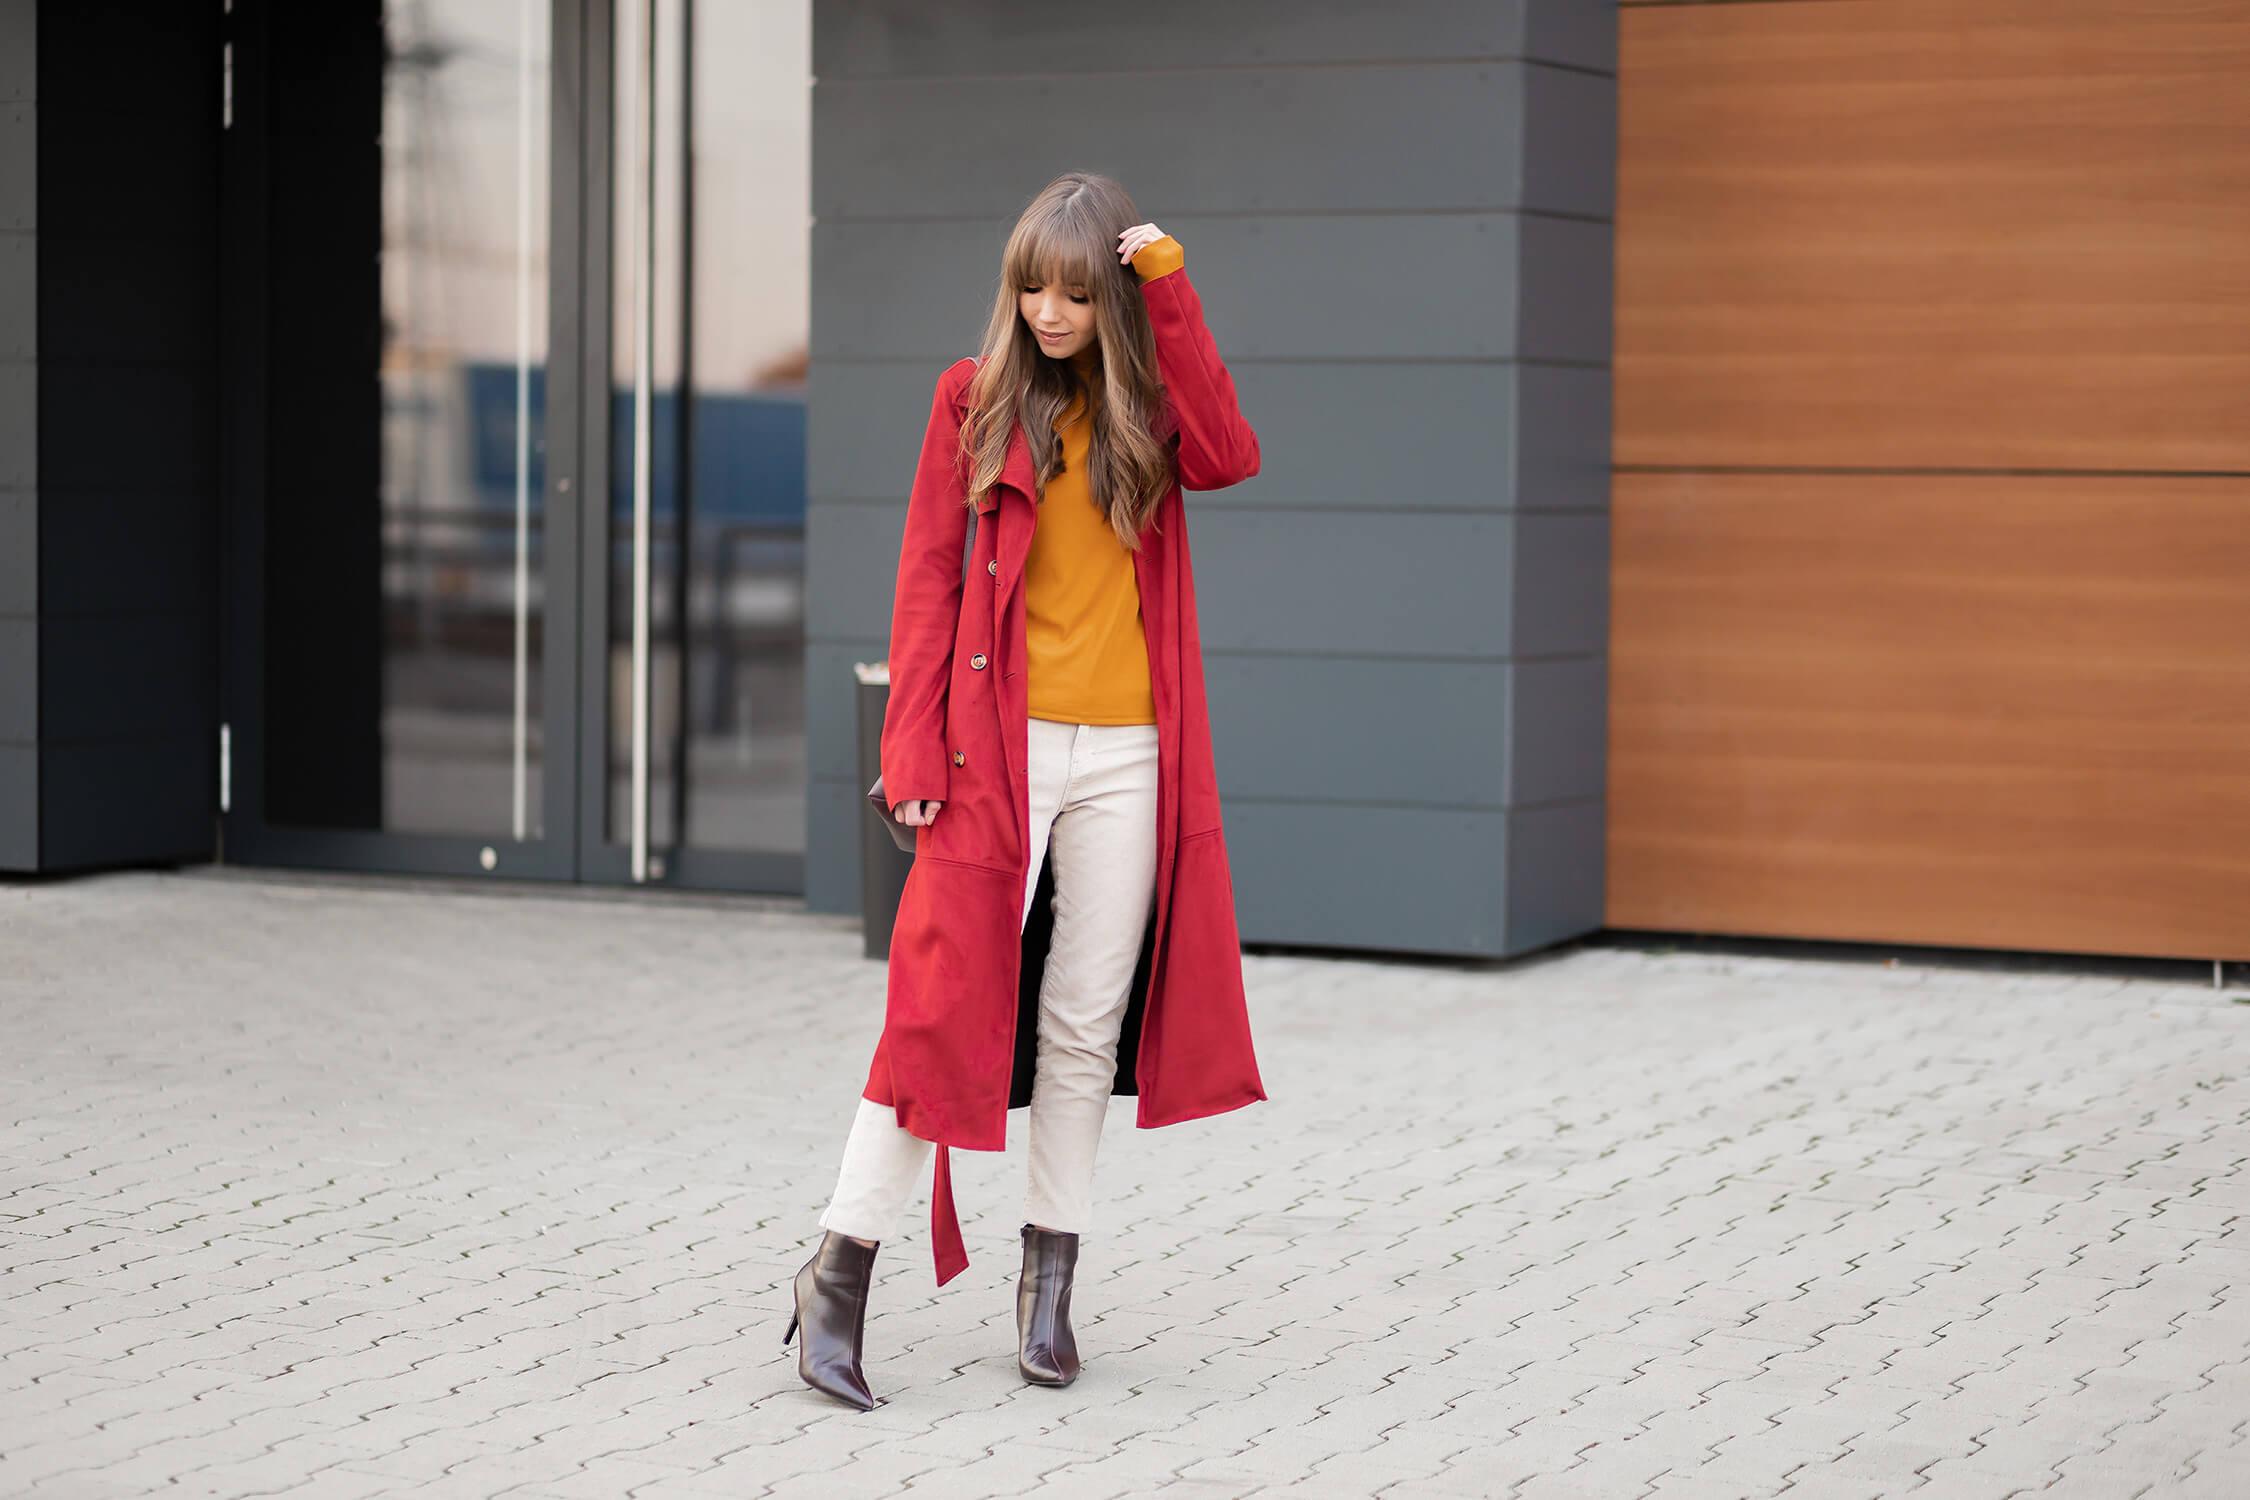 Farbige Highlights im Winter, Knallfarben kombinieren, Winter Trendfarben, Shoelove by Deichmann